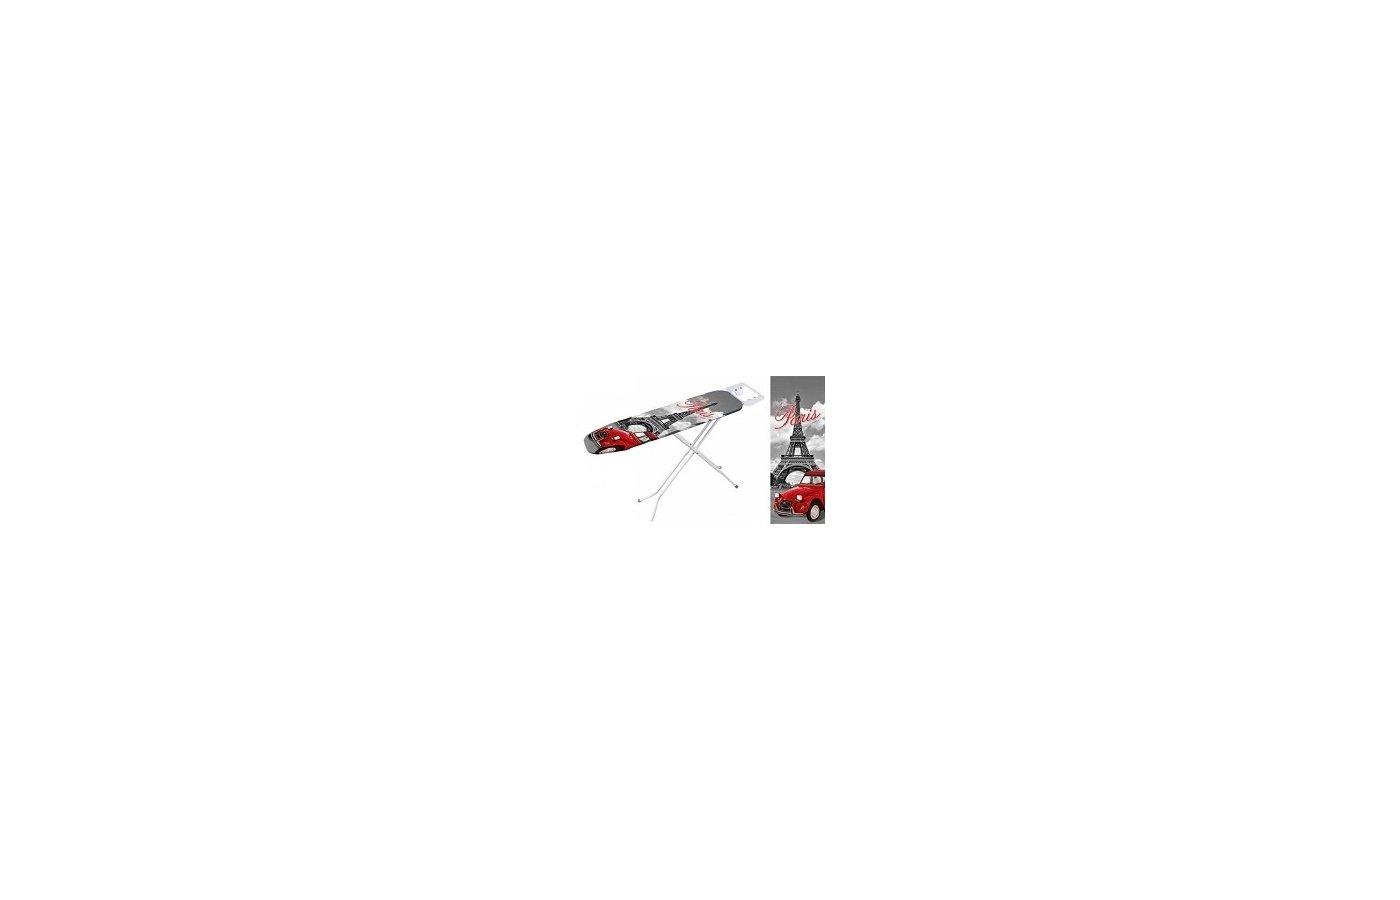 Чехлы и принадлежности для глажки VETTA 451-049 Чехол для гладильной доски хлопок 110x33см Эйфелева башня